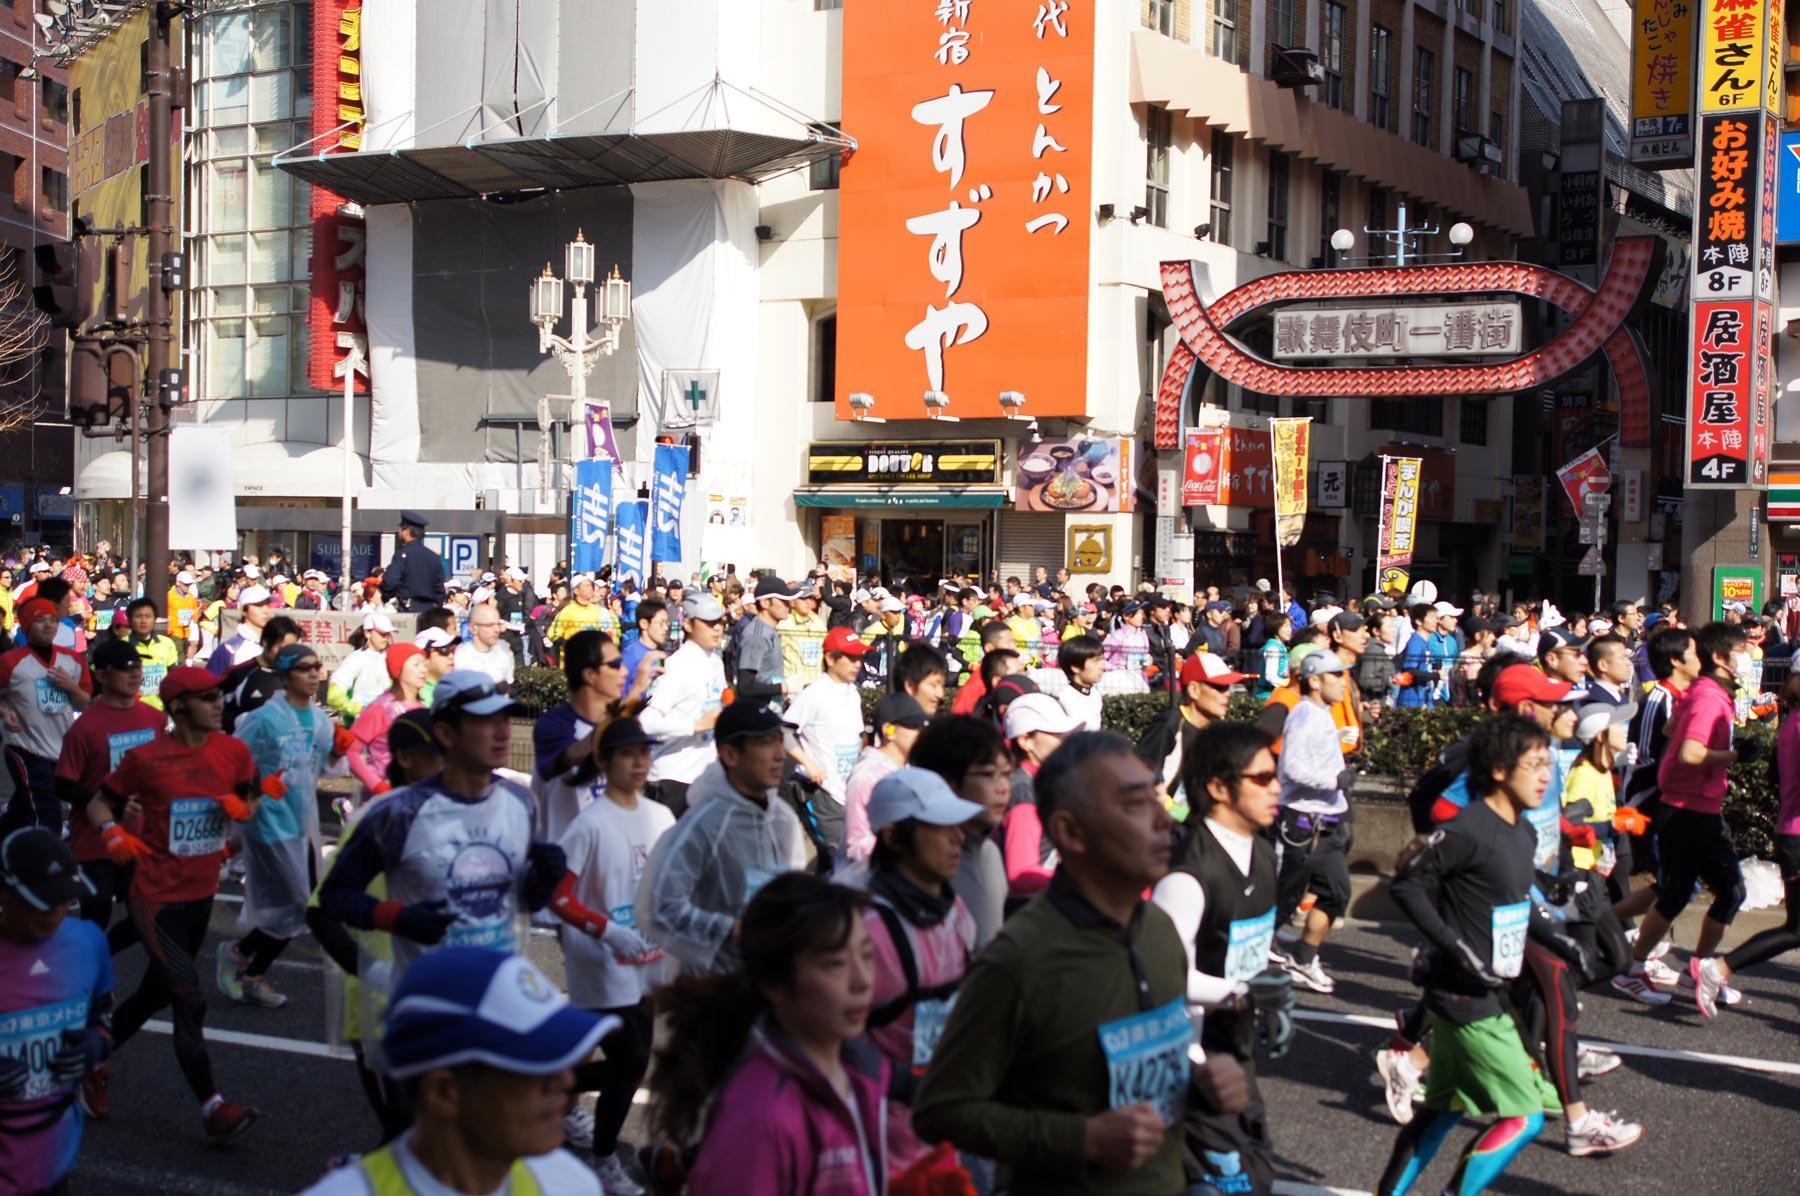 歌舞伎町 東京マラソン_e0216133_22545275.jpg